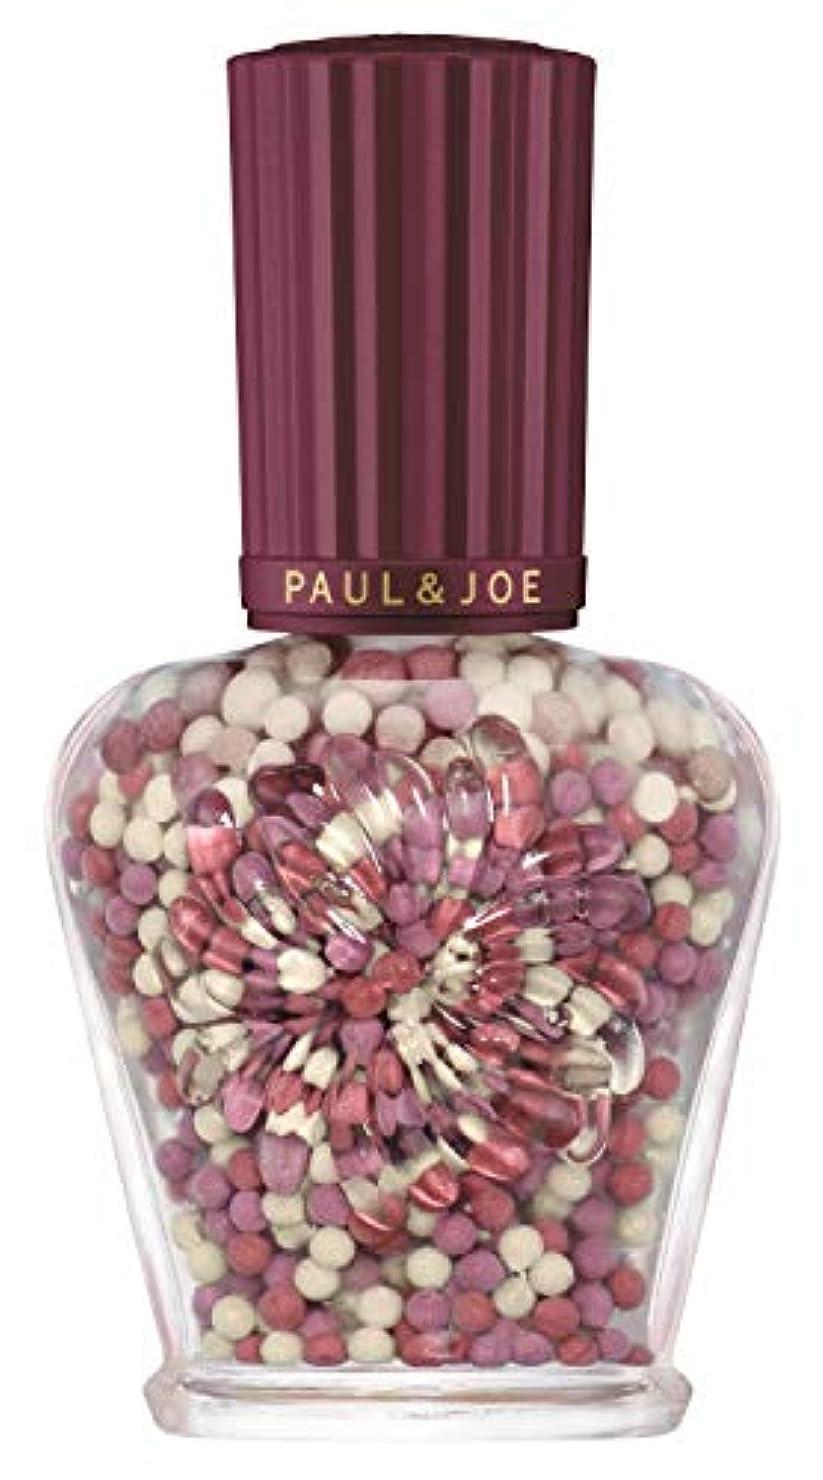 仲人しつけ福祉paul & joe ポール&ジョー パール ファンデーション プライマー #003 30ml